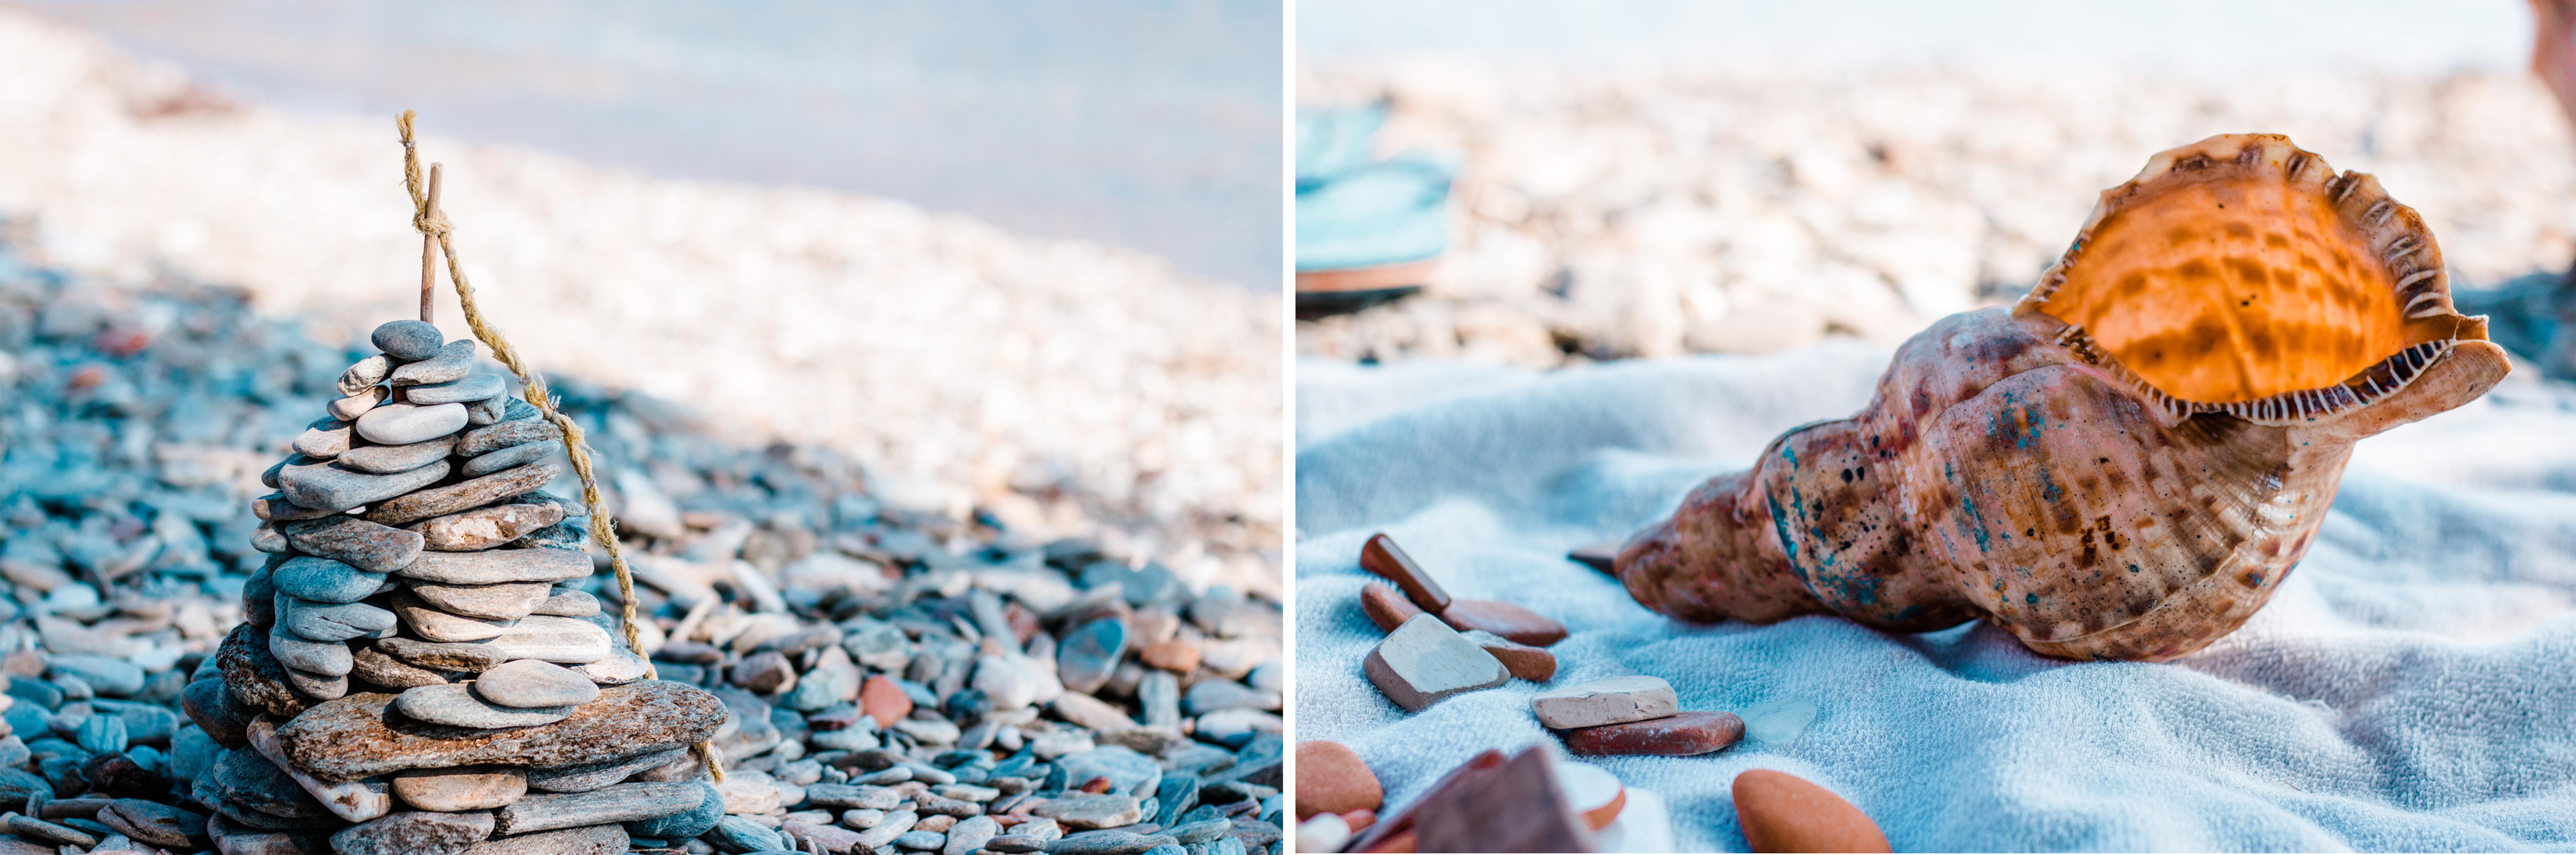 Strandbeschäftigung - Steintürme bauen entspannt